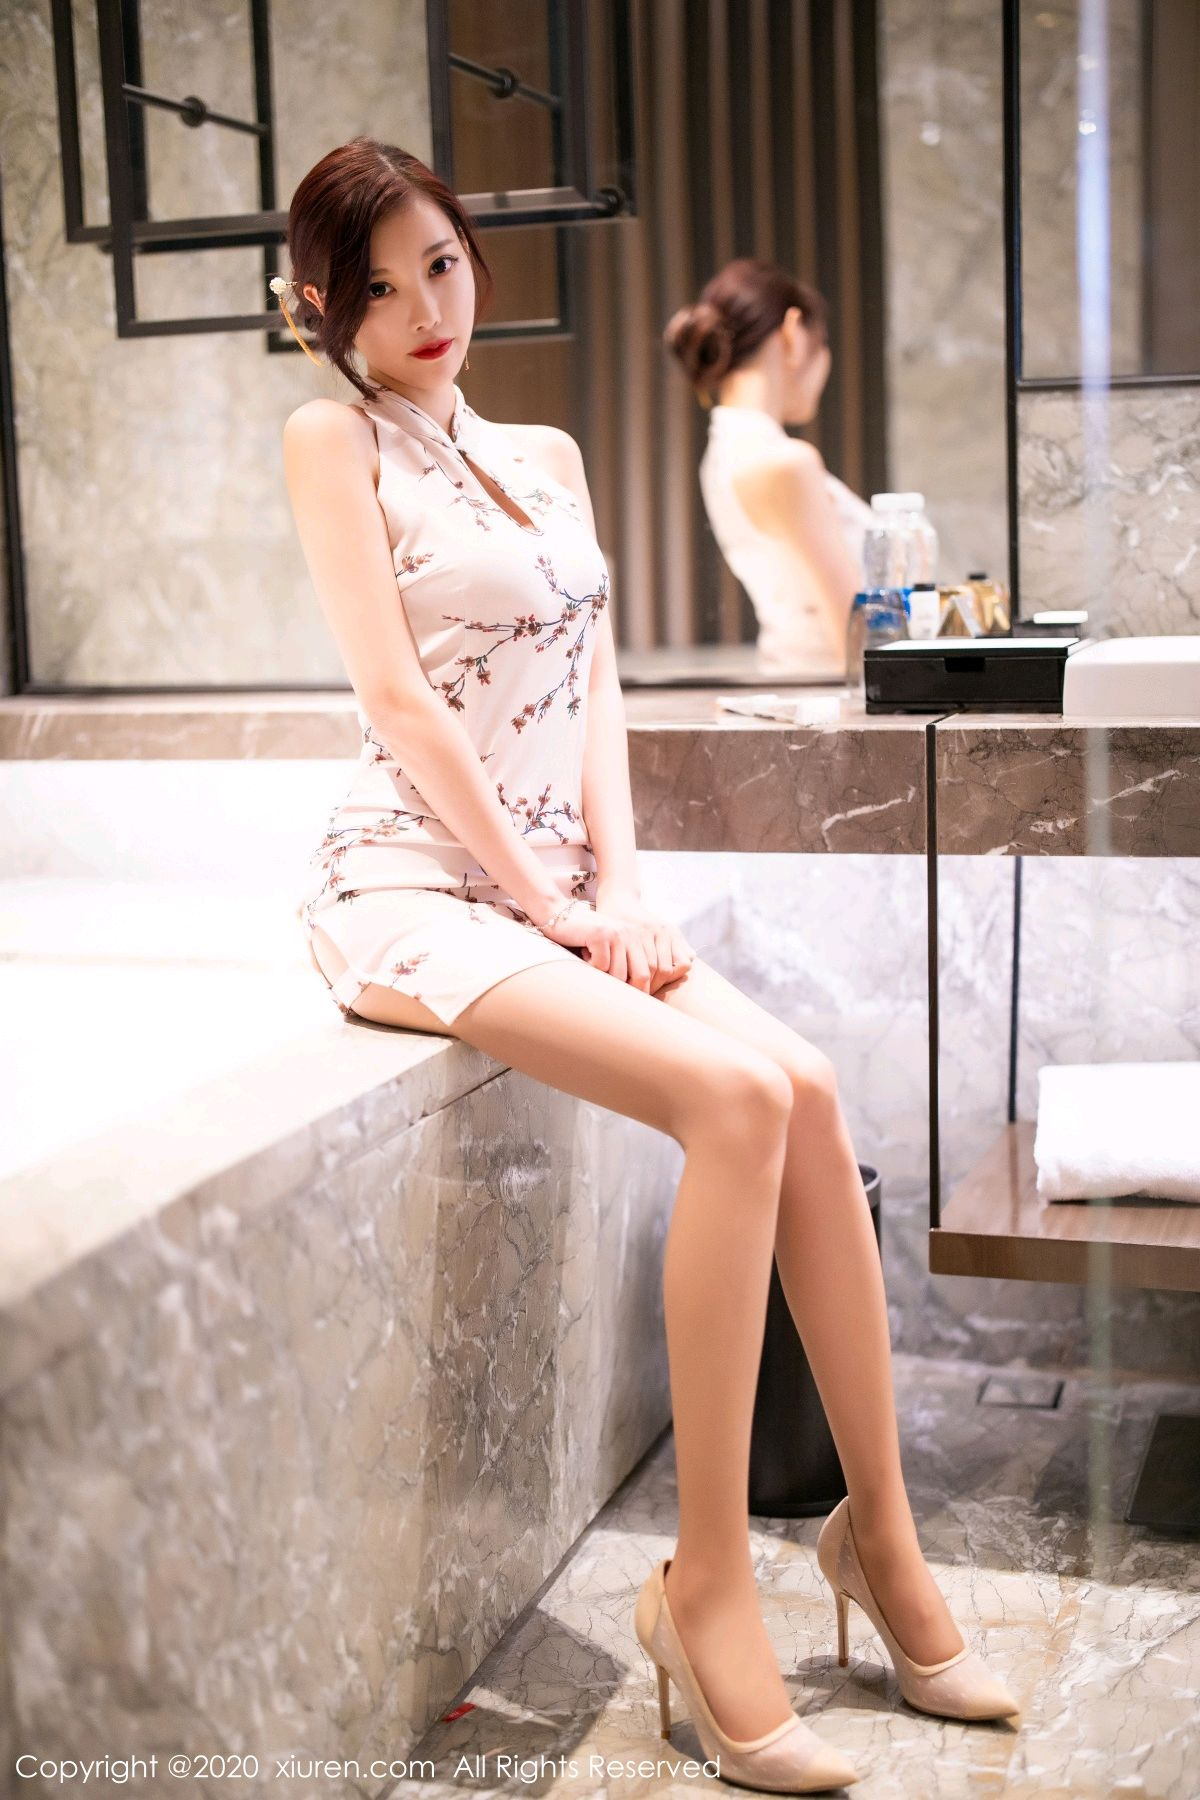 [XiuRen] Vol.2487 Yang Chen Chen 19P, Cheongsam, Tall, Xiuren, Yang Chen Chen